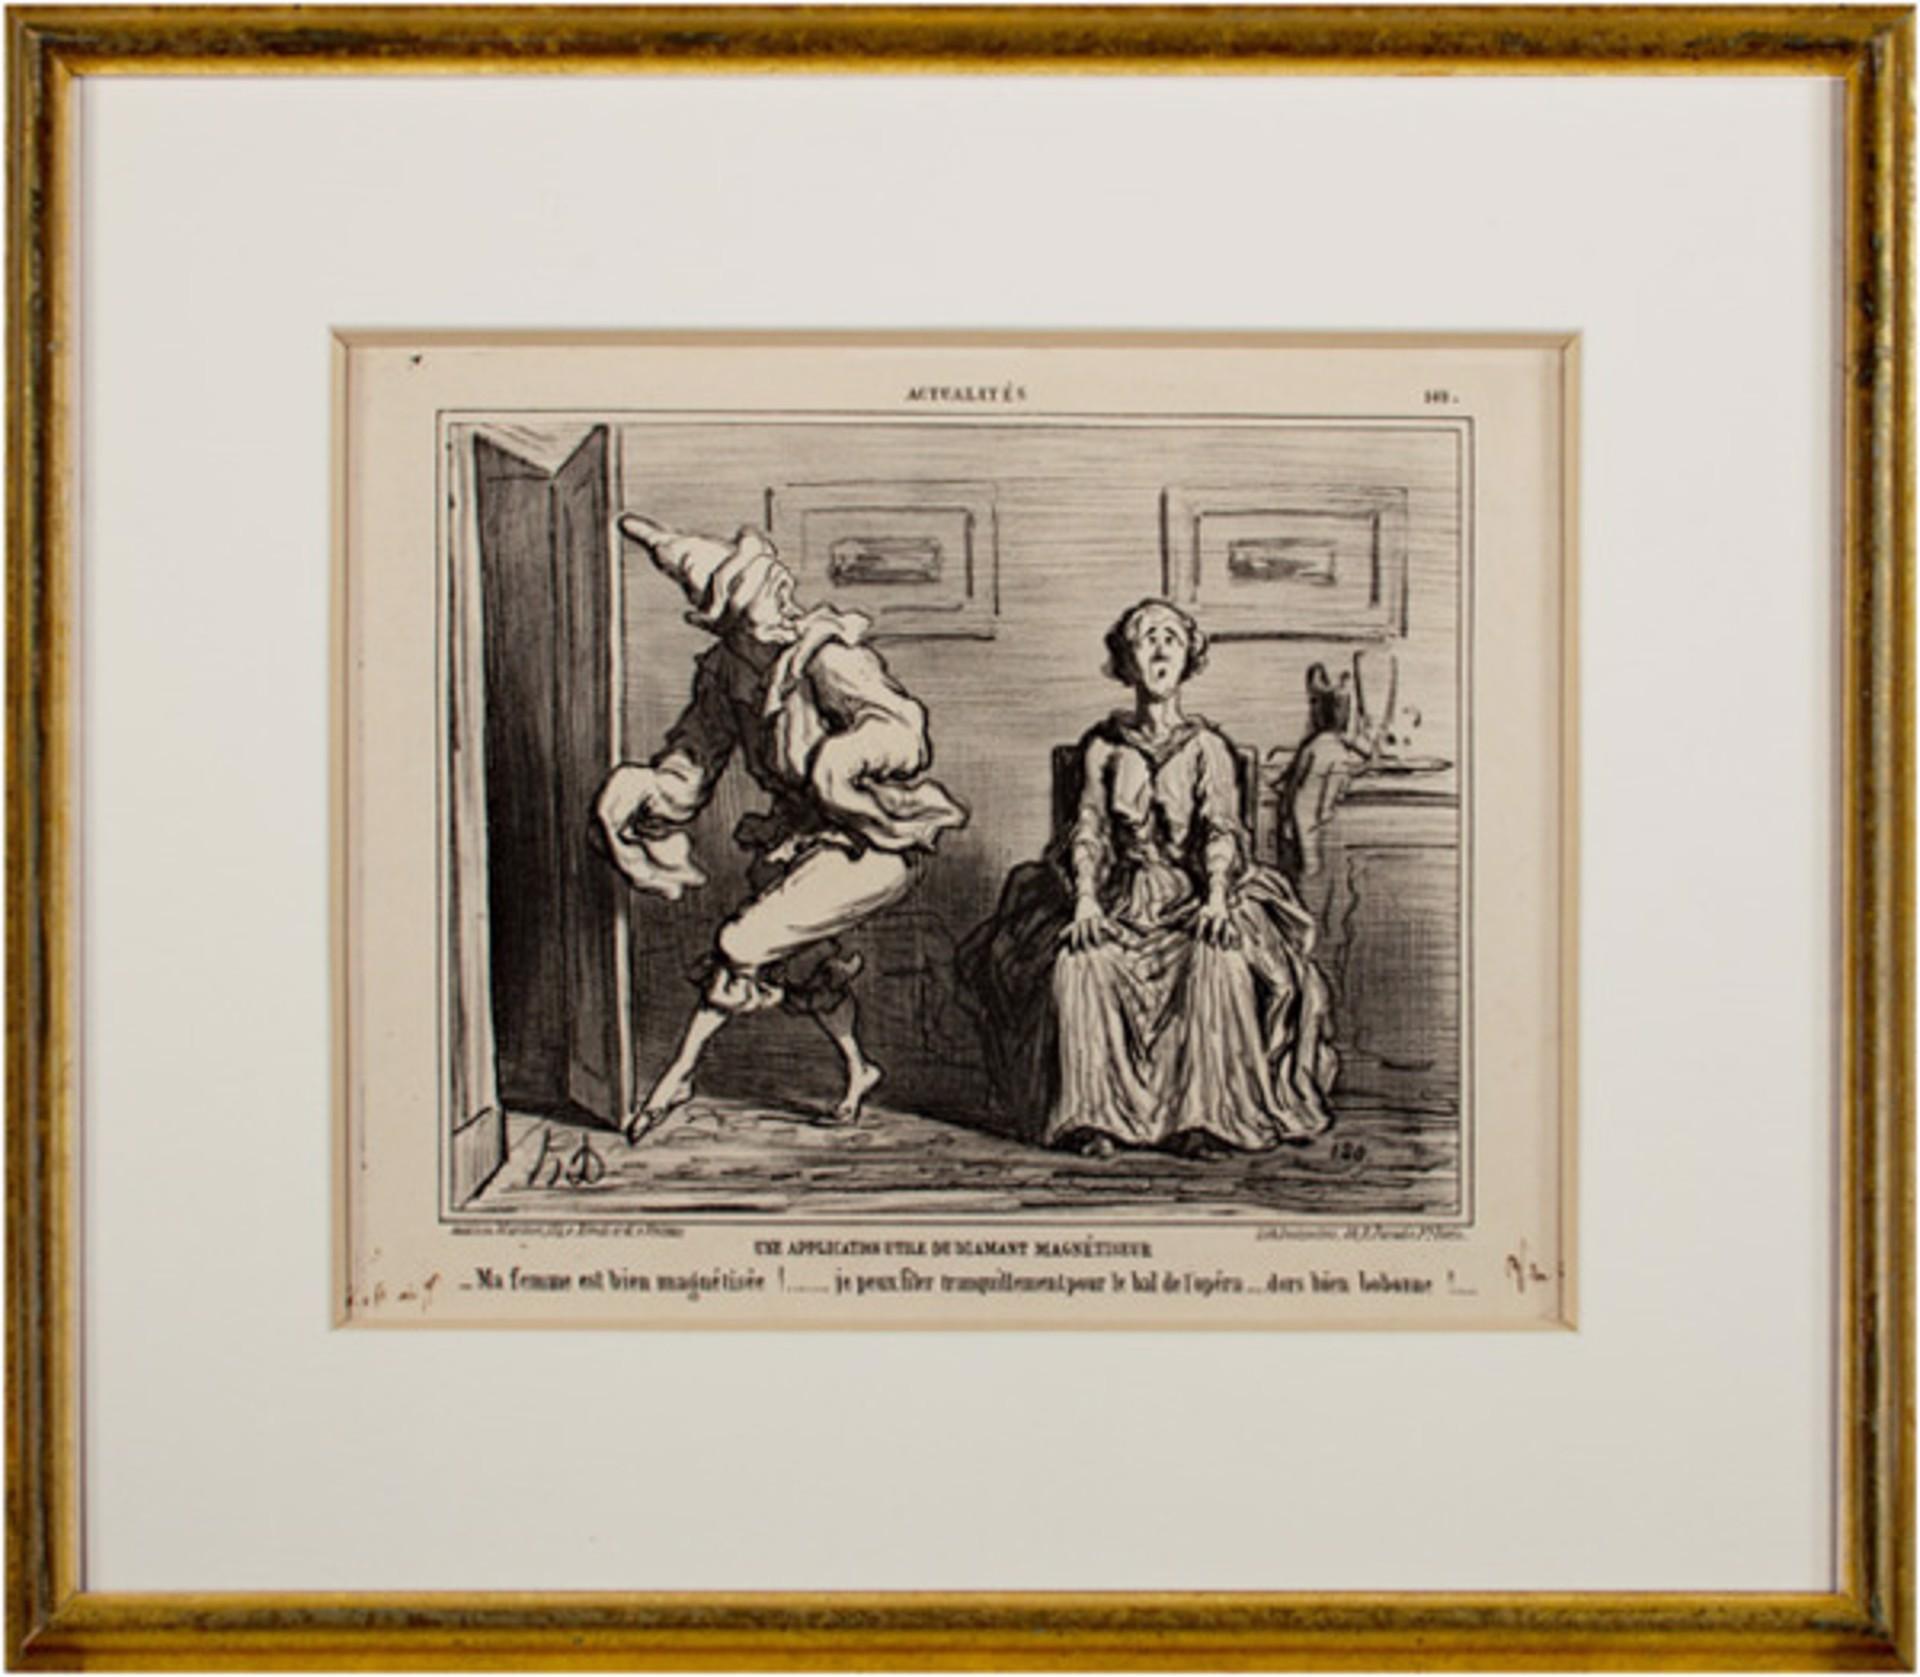 Une Application Utile Du Diamant Magnetiseur-Actualites LD 3230 by Honore Daumier